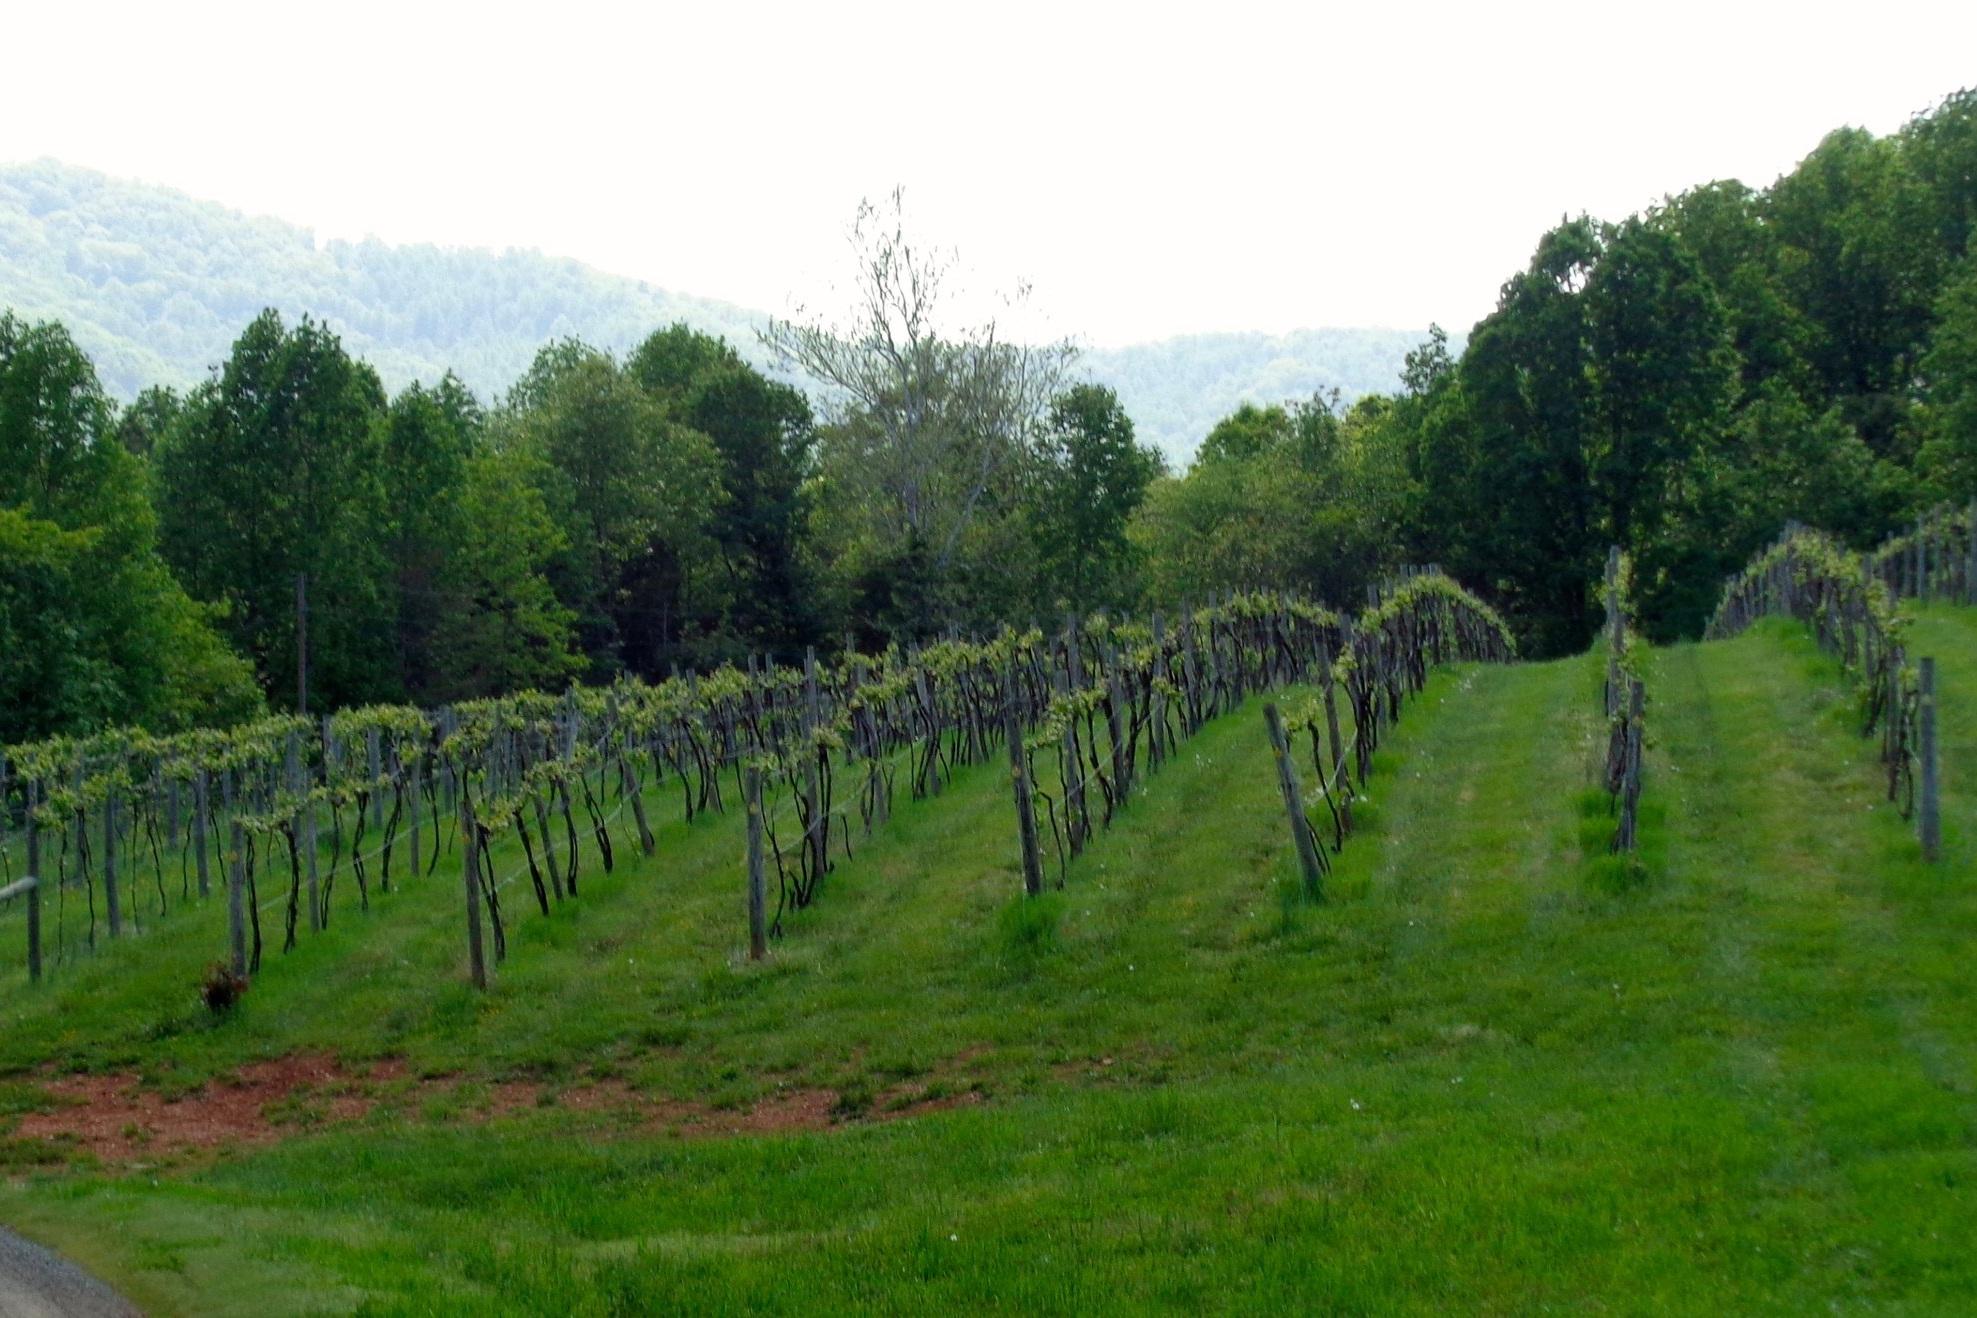 Kilaurwen Winery